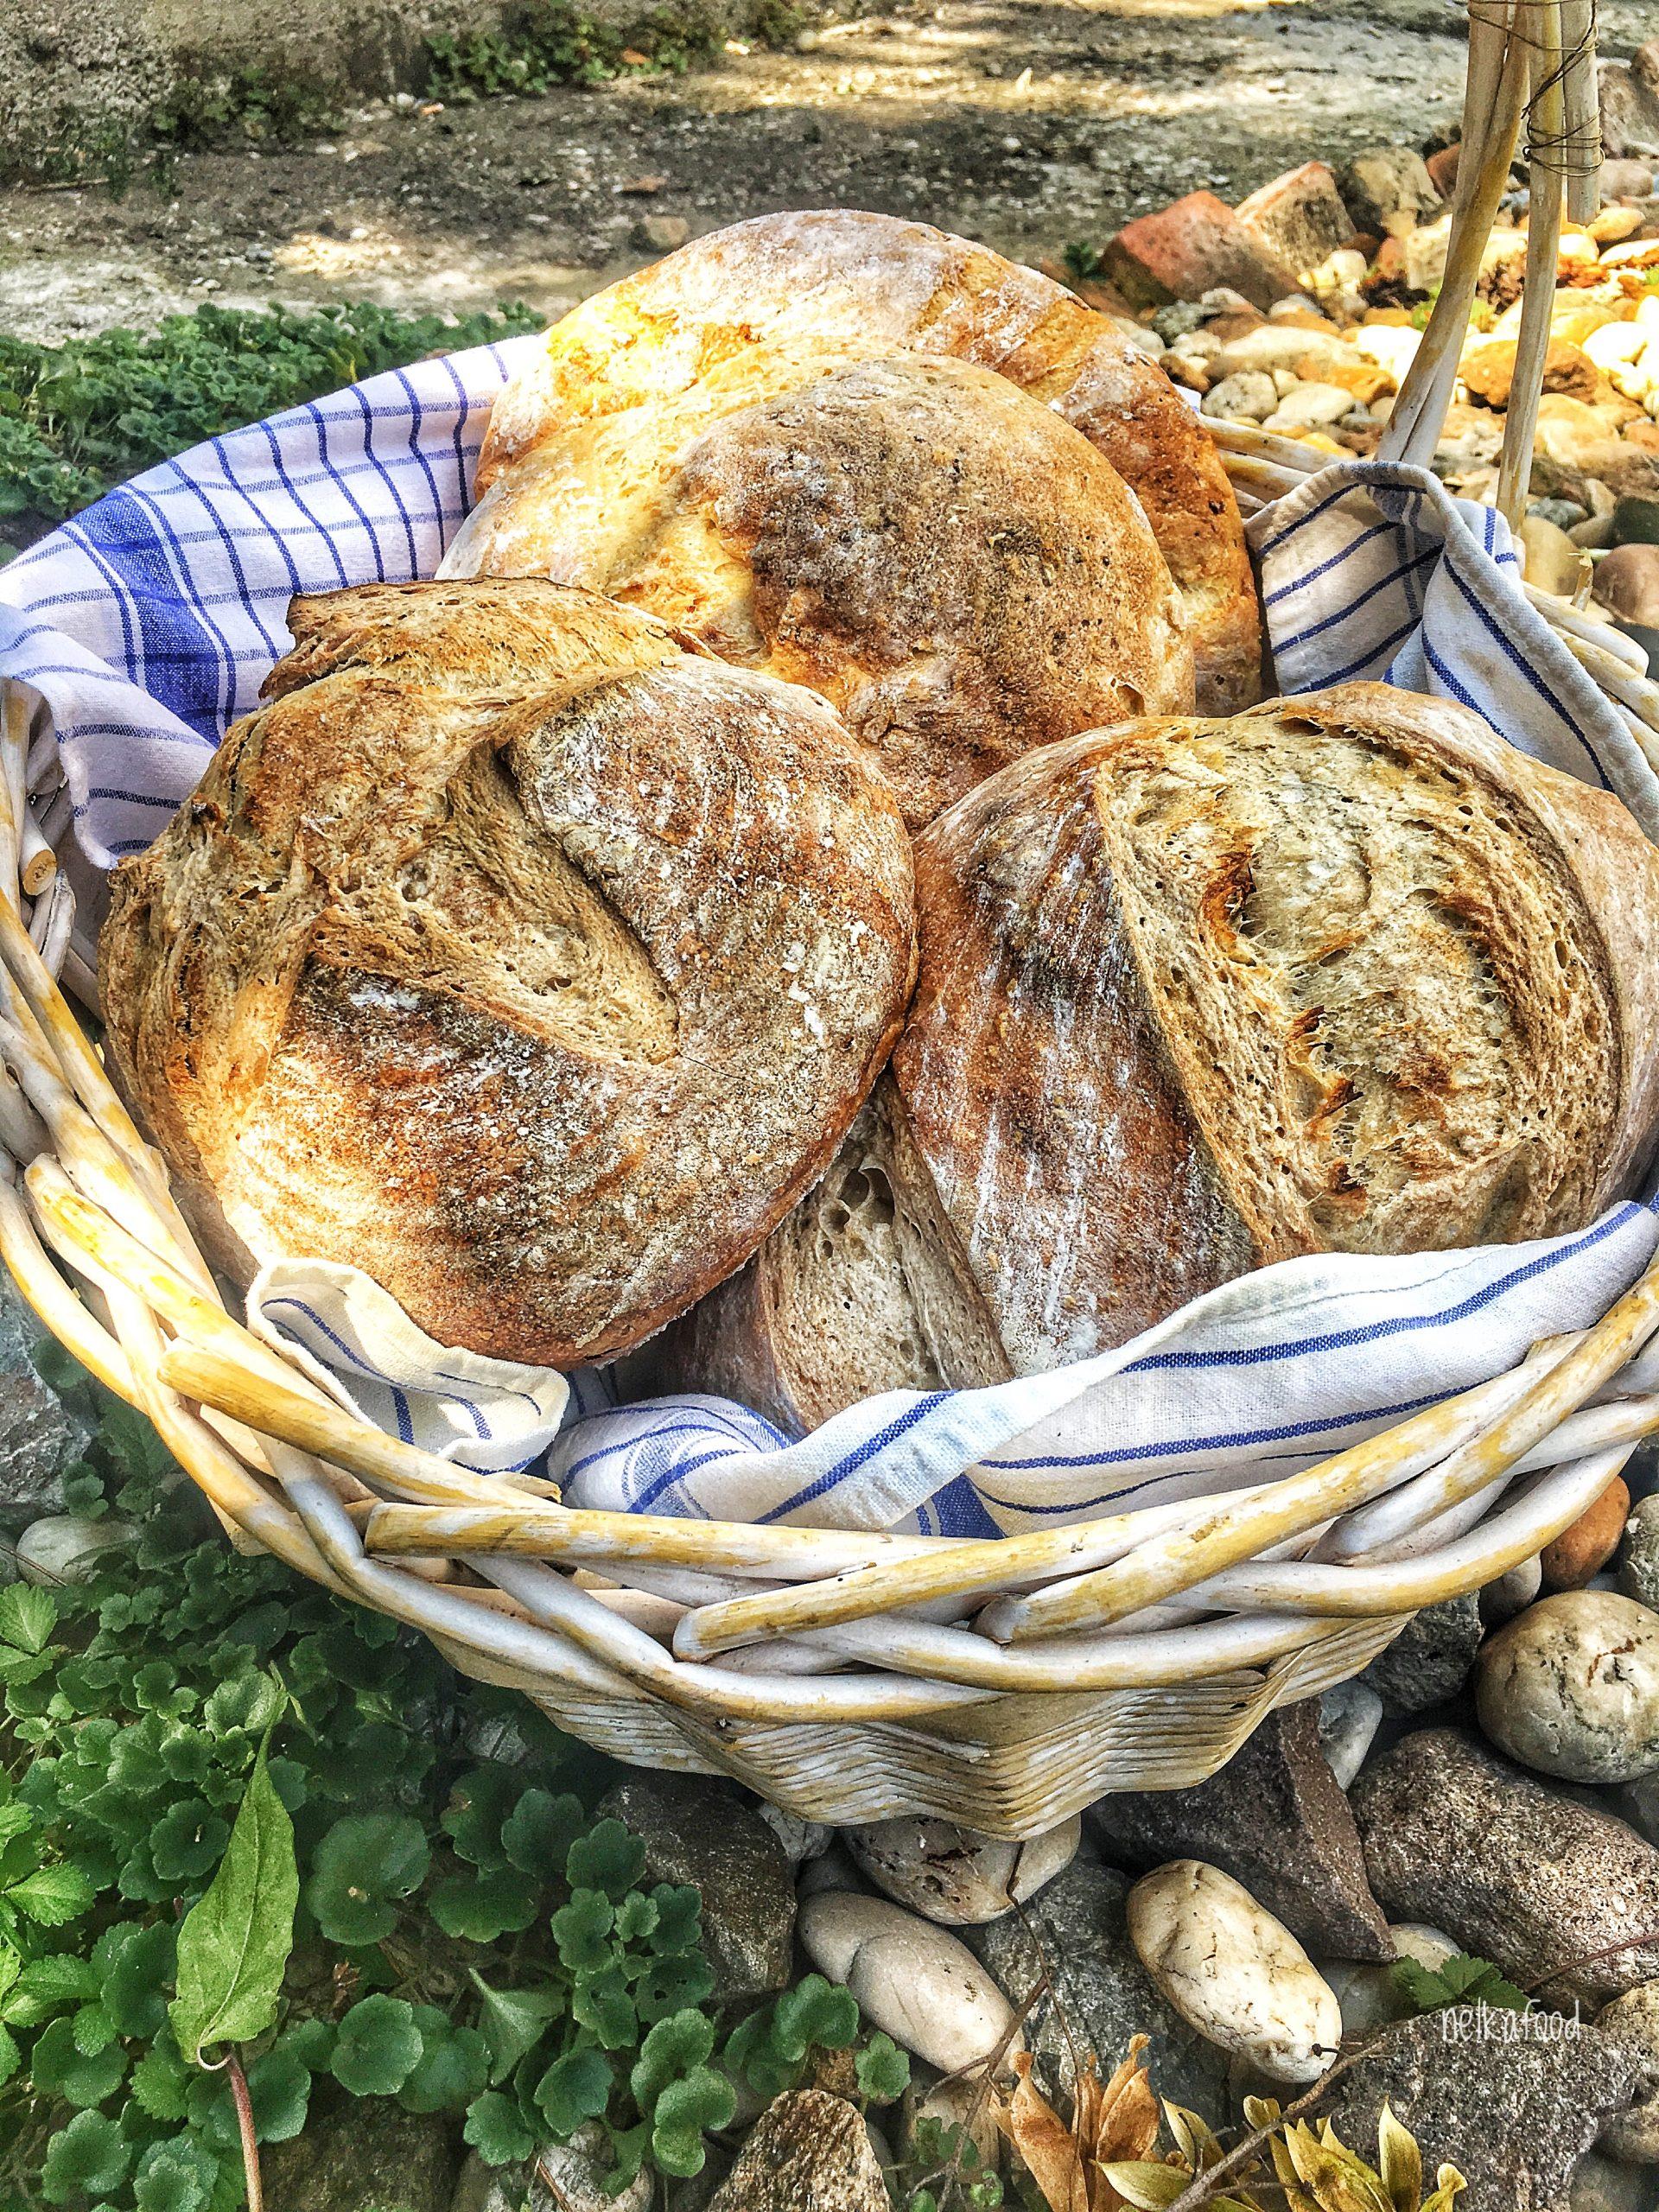 Chlieb v košíku